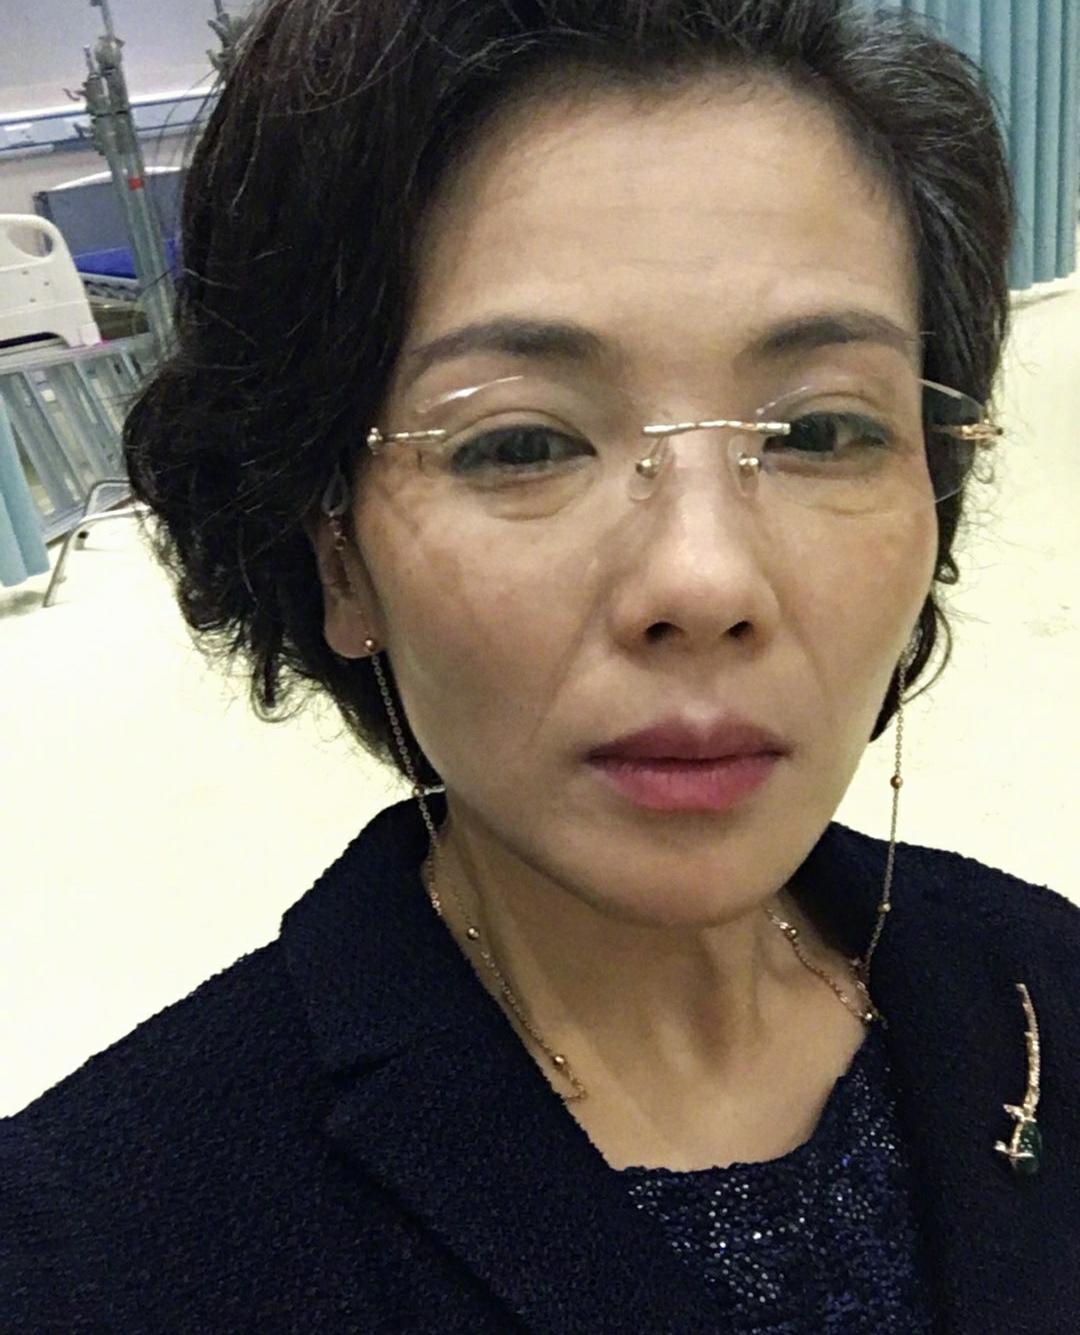 42岁刘涛晒老年照,满脸皱纹眼神沧桑,高情商回应演奶奶辈争议